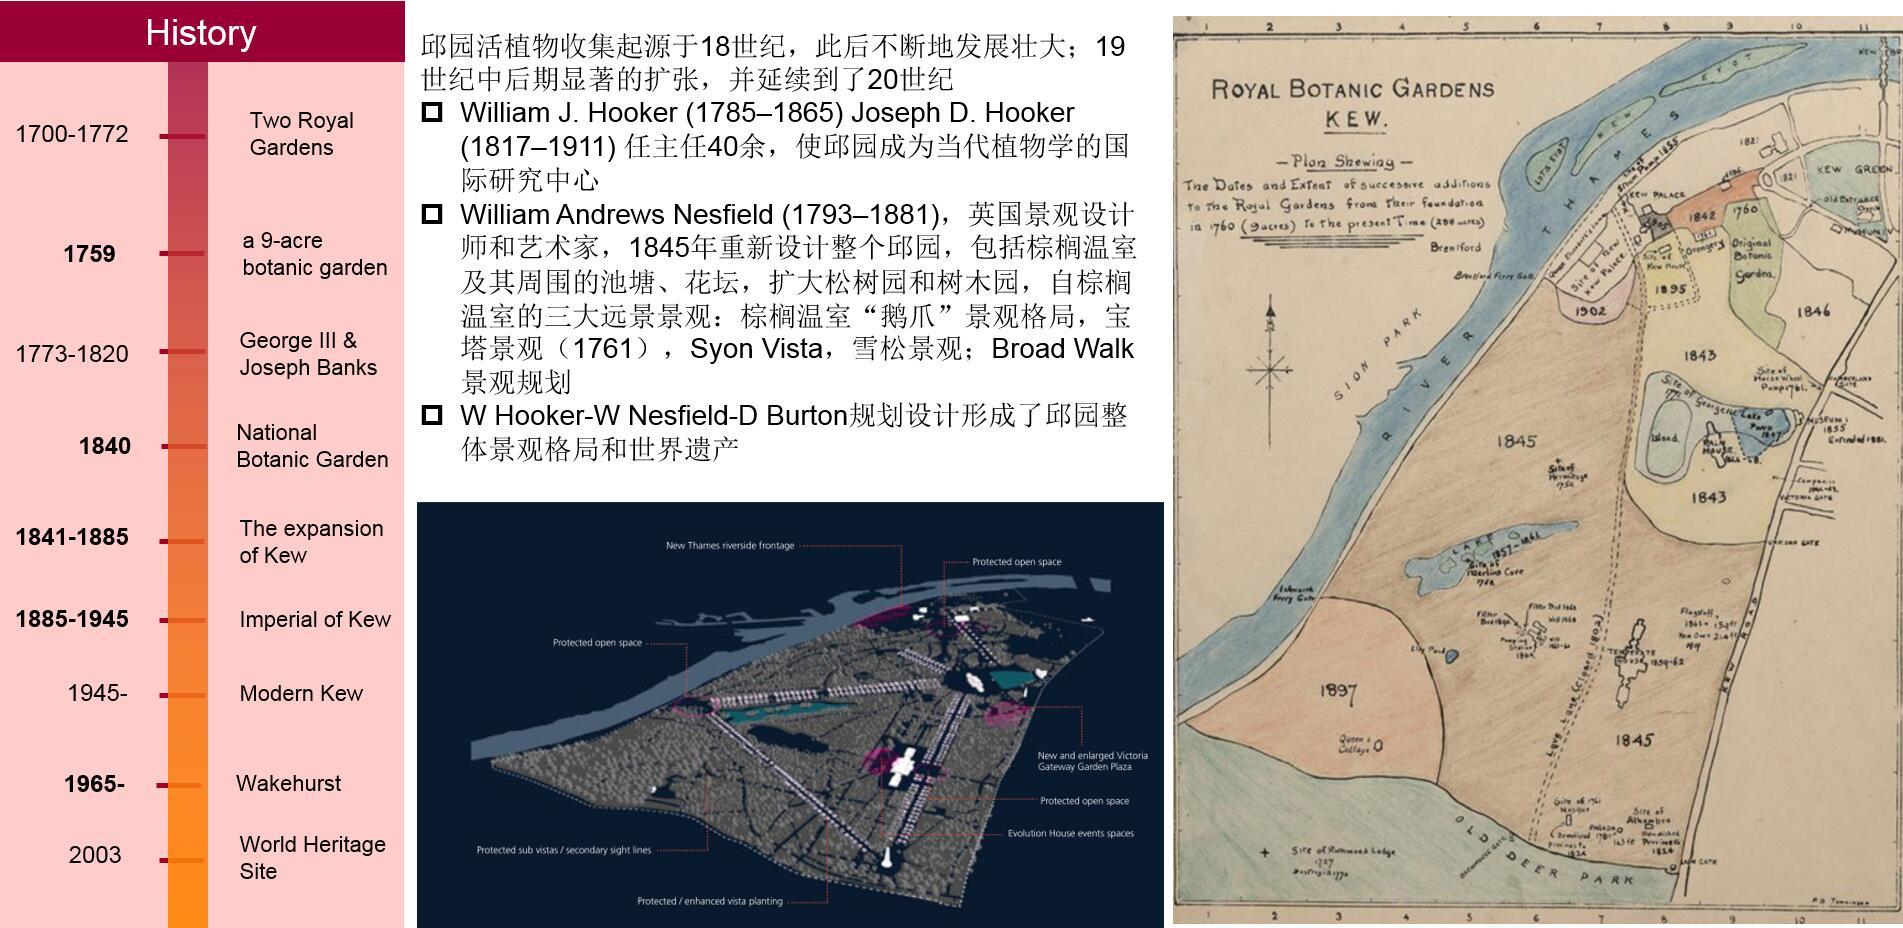 图1 邱园的发展历史.jpg